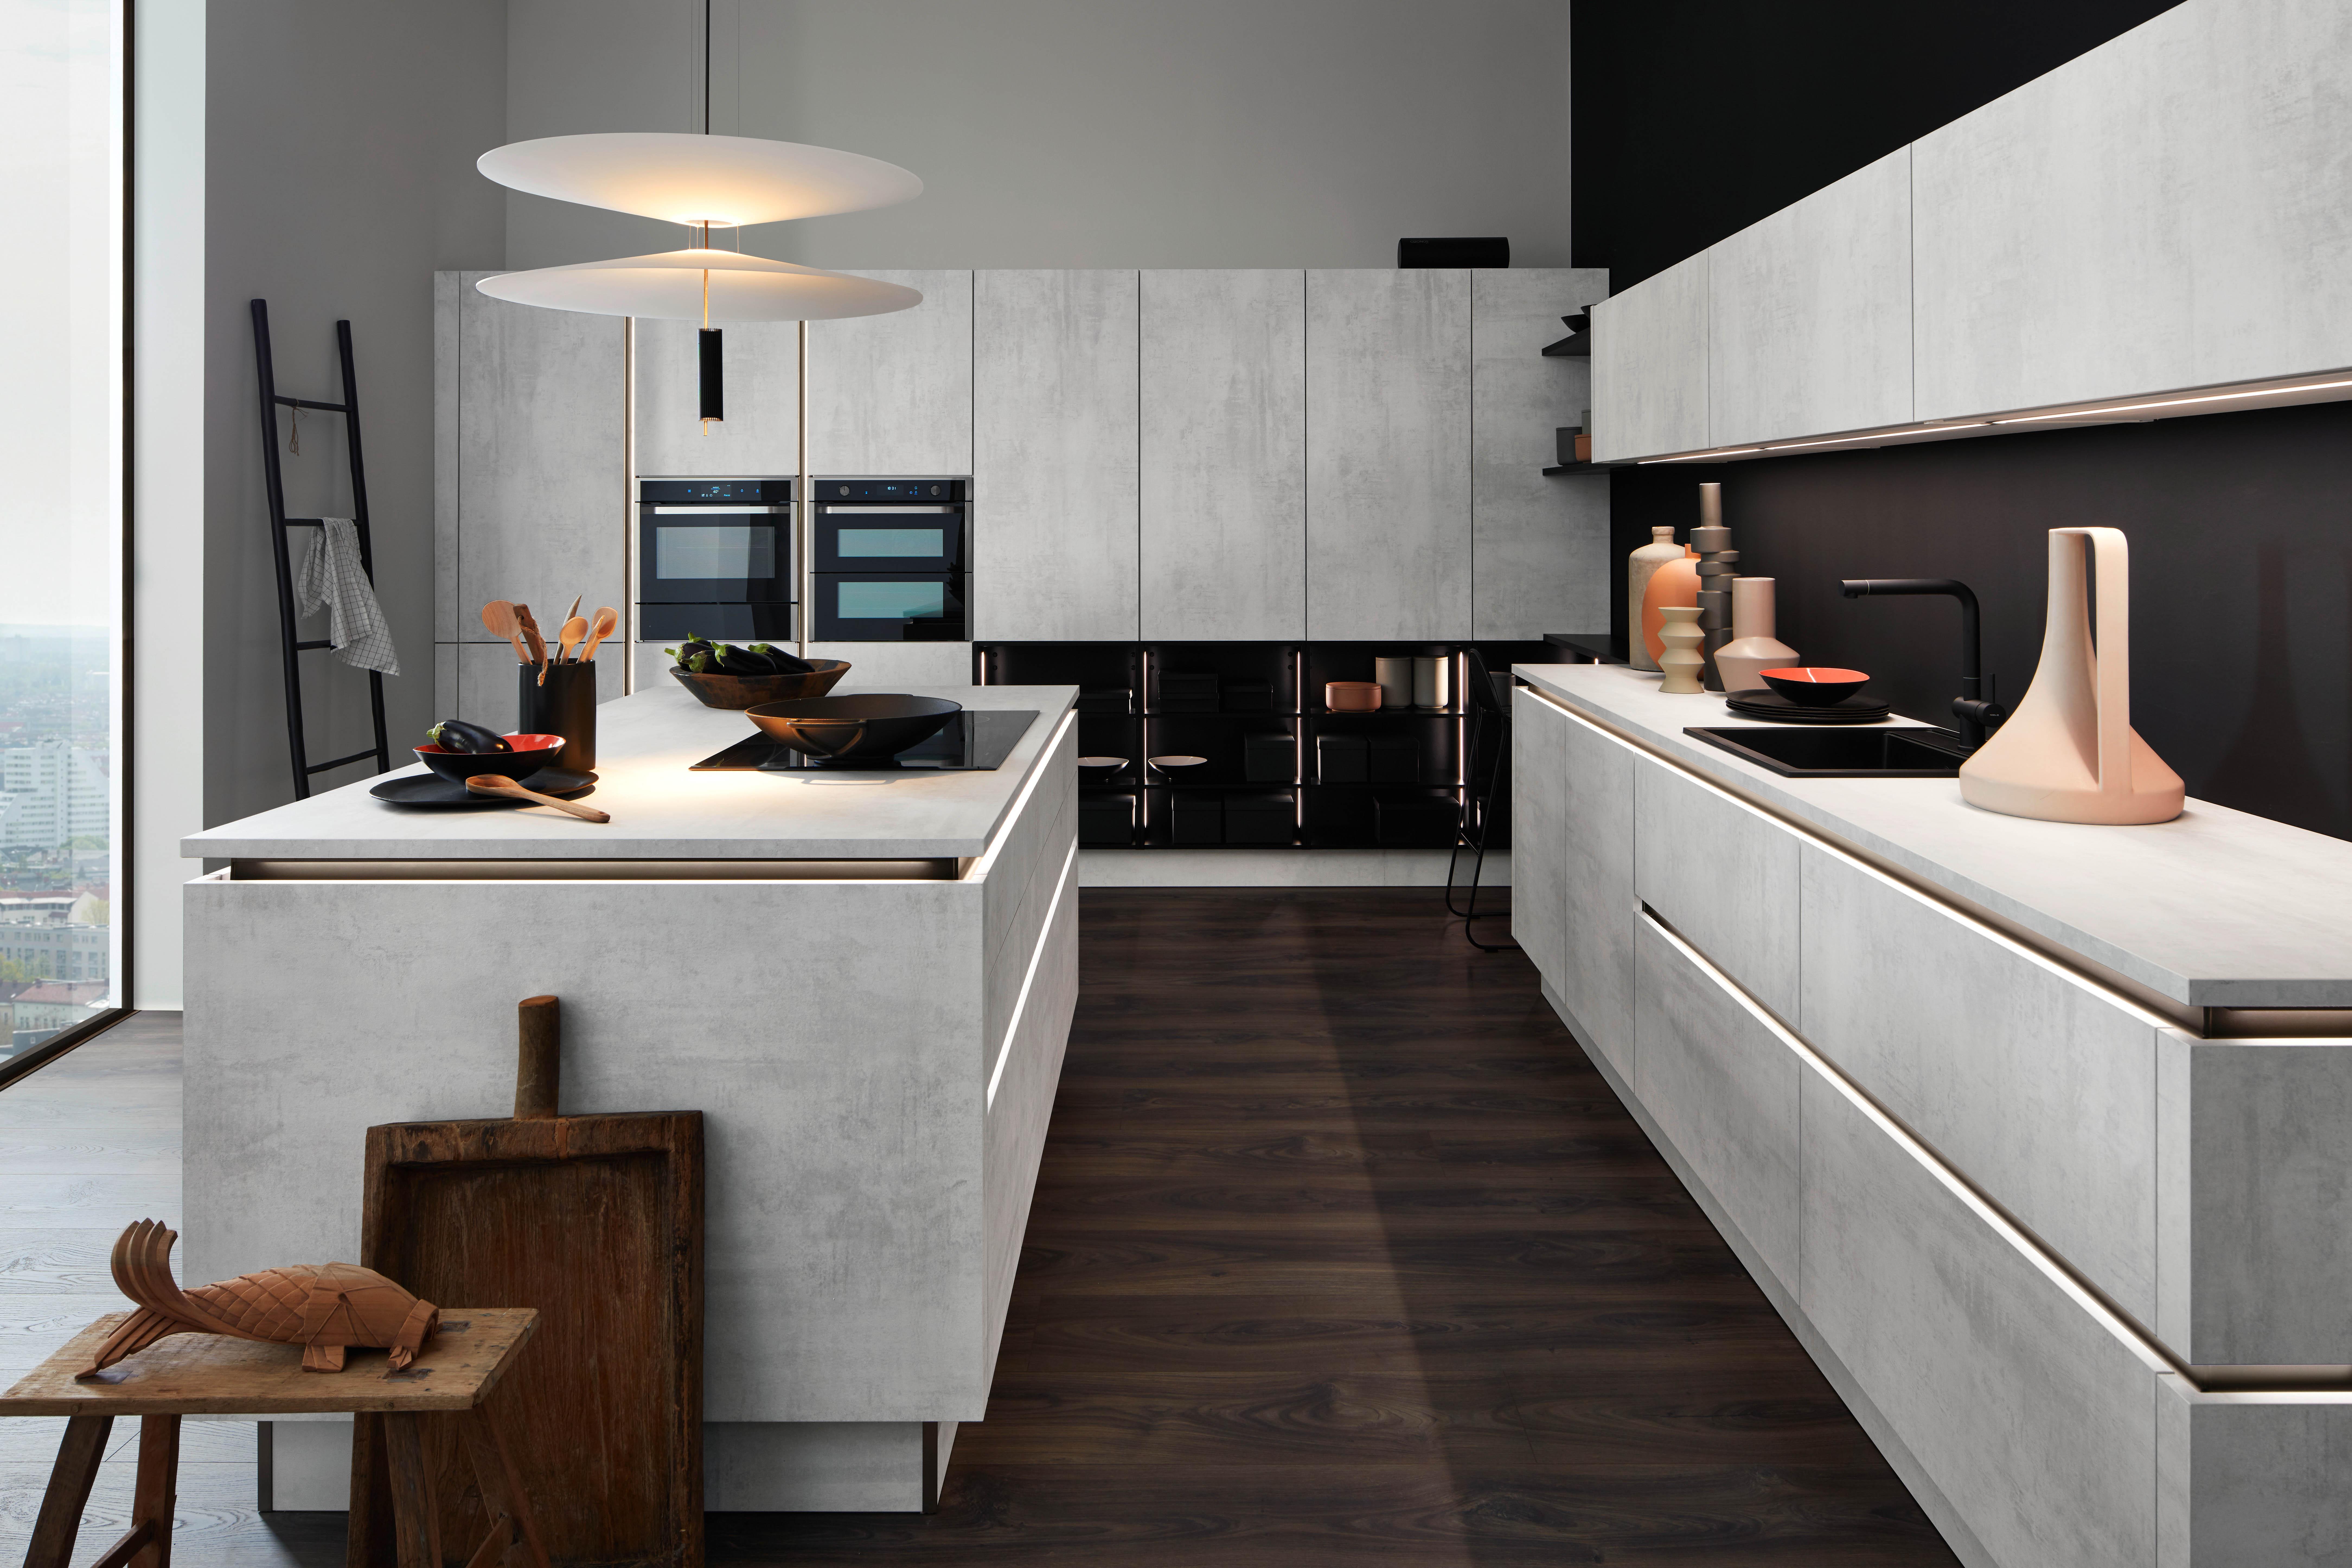 Kitchen Trends 20   AMK   Arbeitsgemeinschaft Die Moderne Küche e.V.